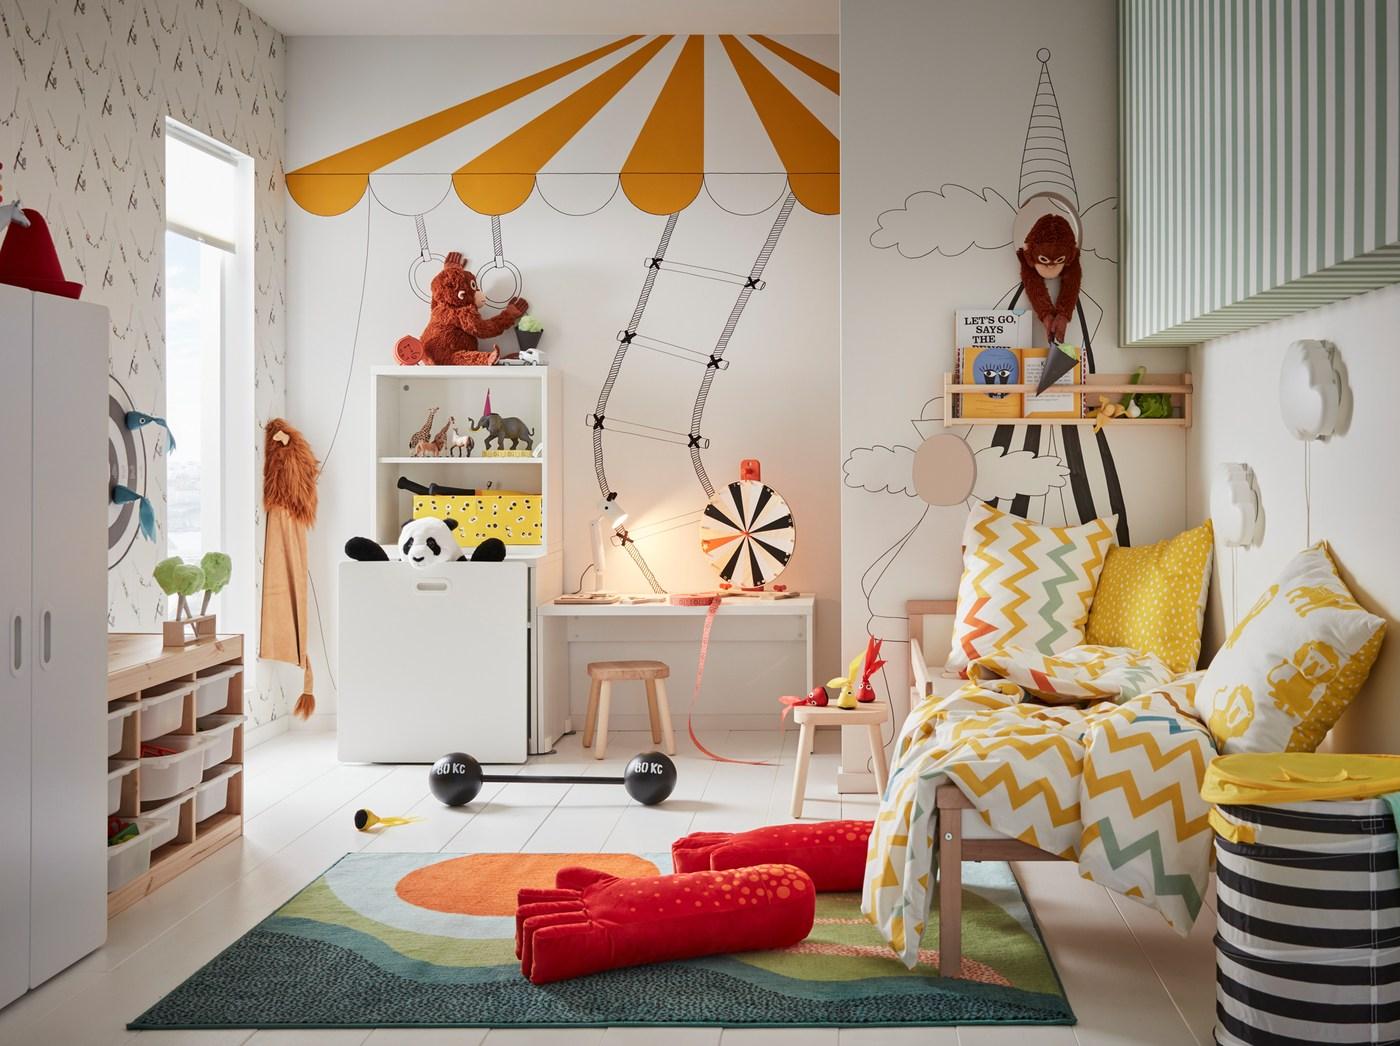 Fußboden Kinderzimmer Junge ~ Kinderzimmer inspirationen für dein zuhause ikea